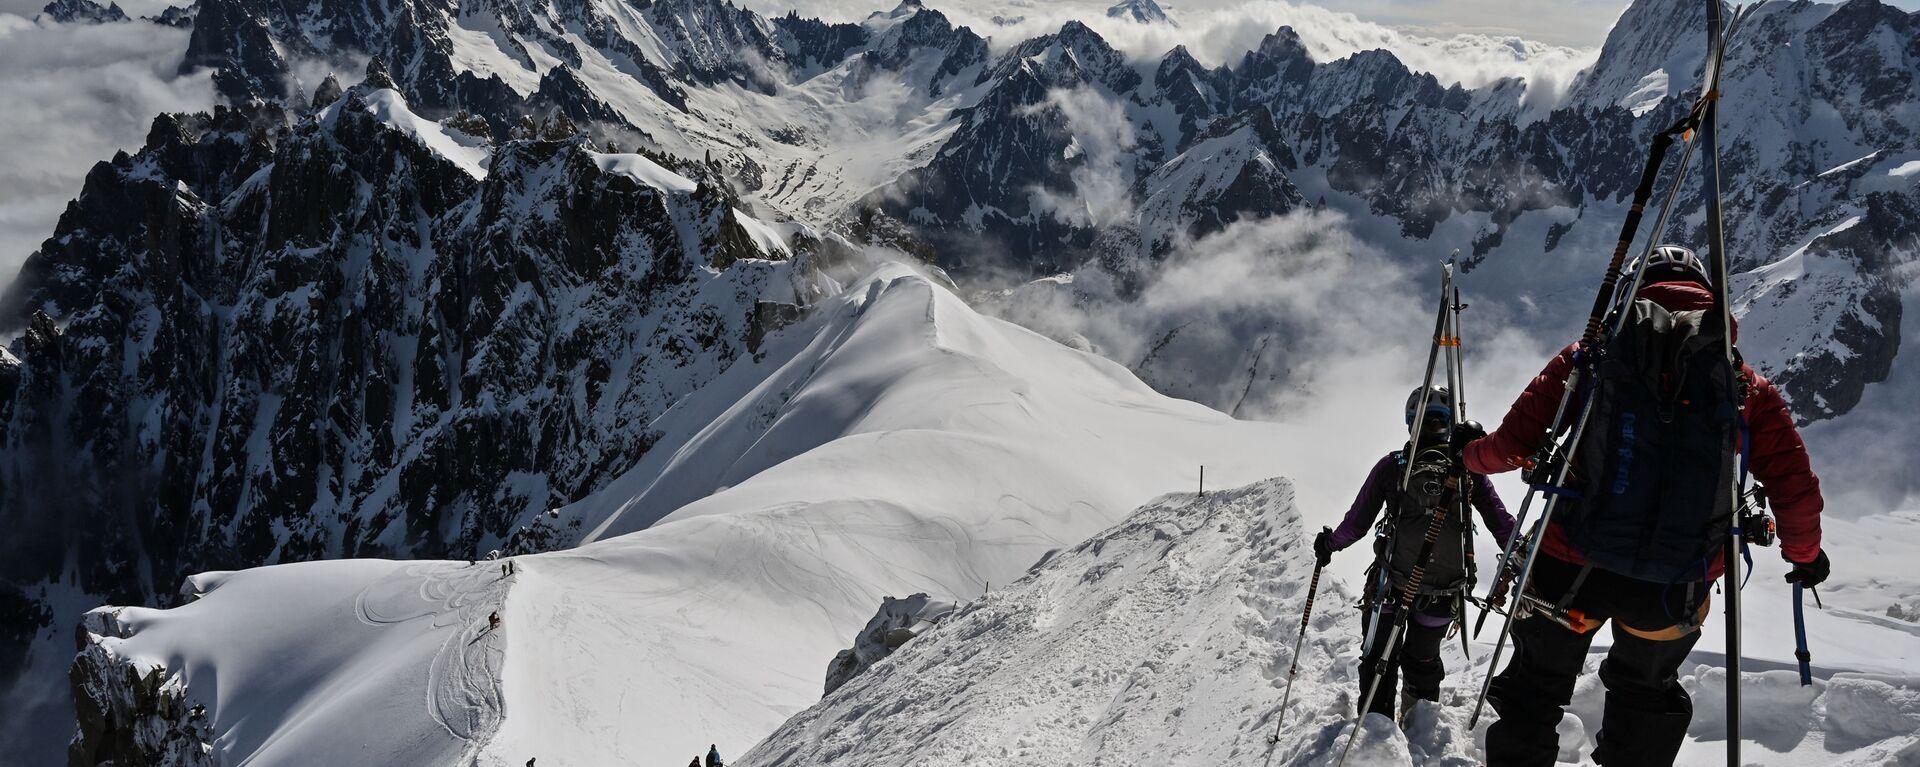 Альпинисты катаются на лыжах на Монблане, Франция - Sputnik Таджикистан, 1920, 06.08.2021